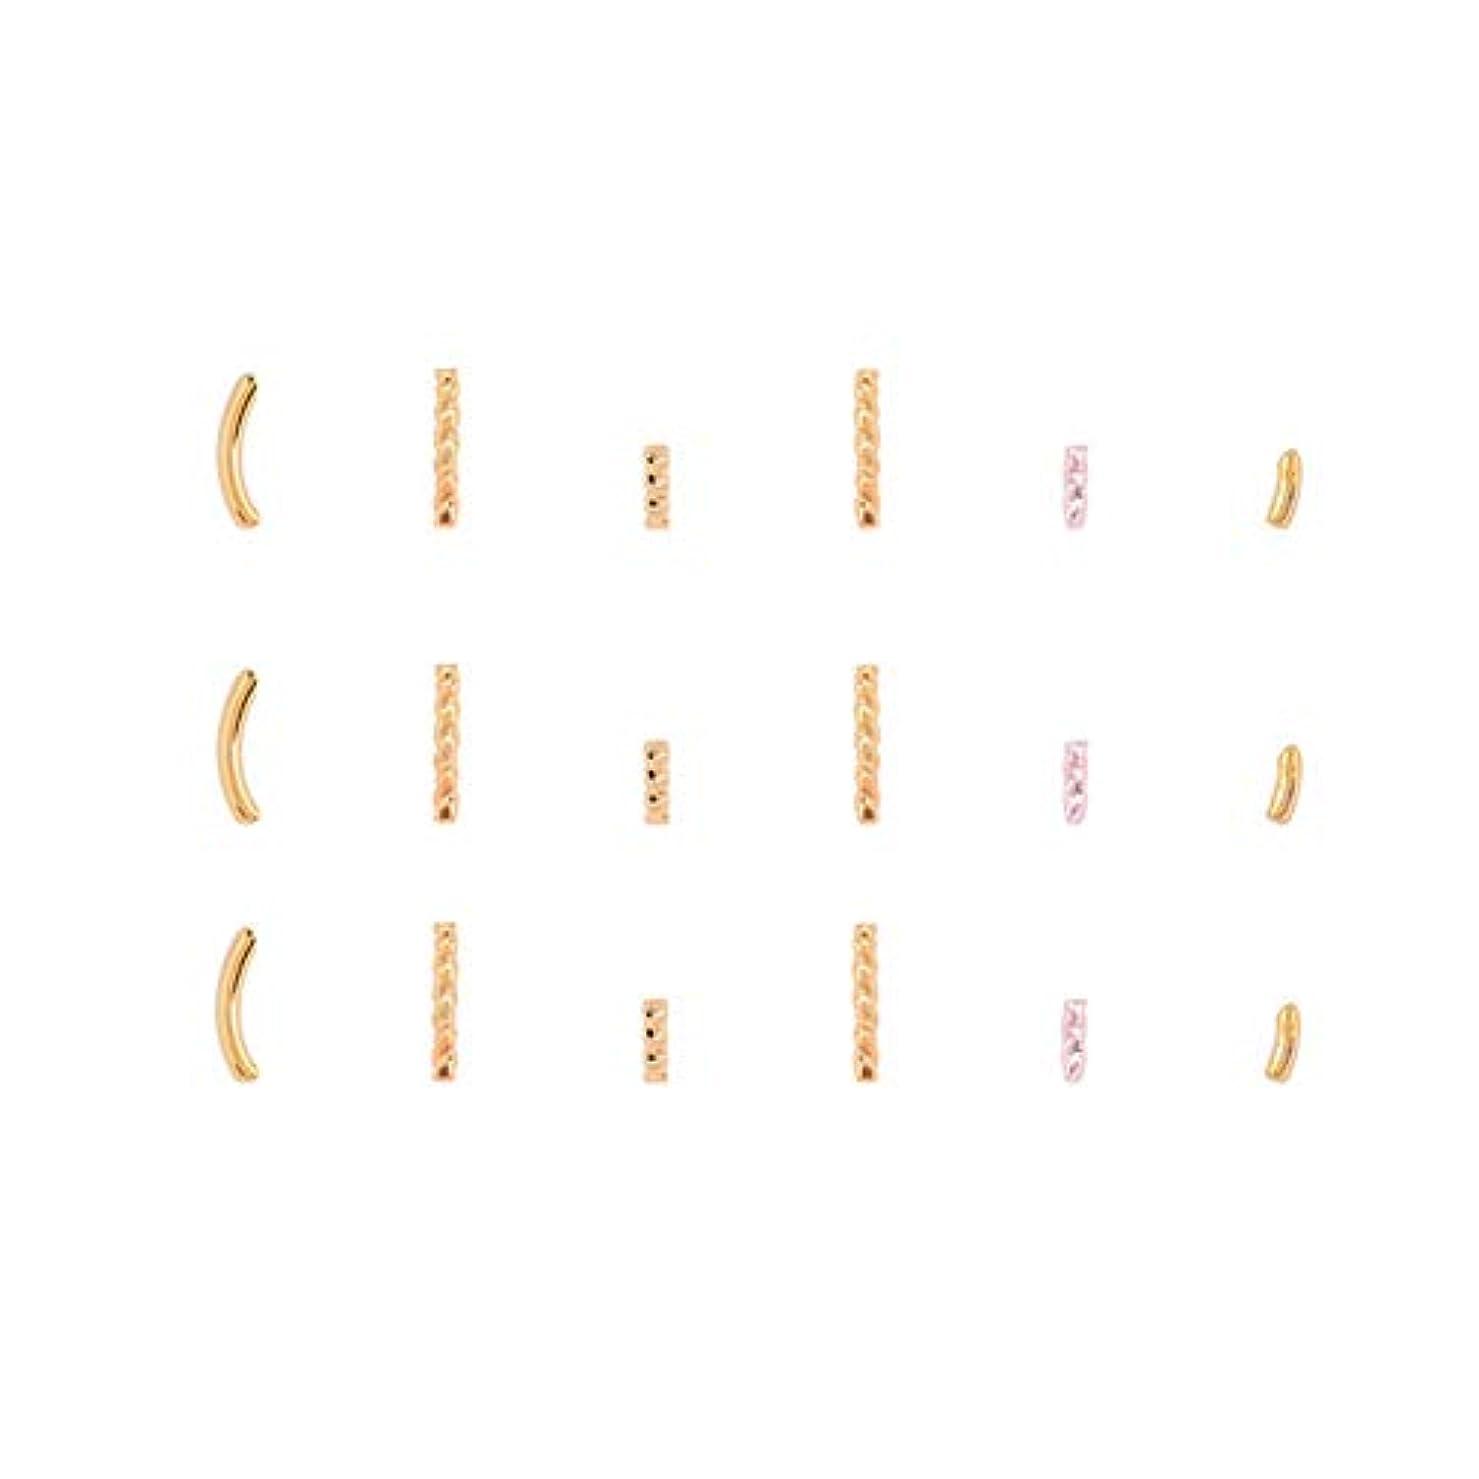 アマゾンジャングルいわゆる土地メタルビーズ半分スレッドリベット爪の補修金メッキ金属ステープル(パラ05)